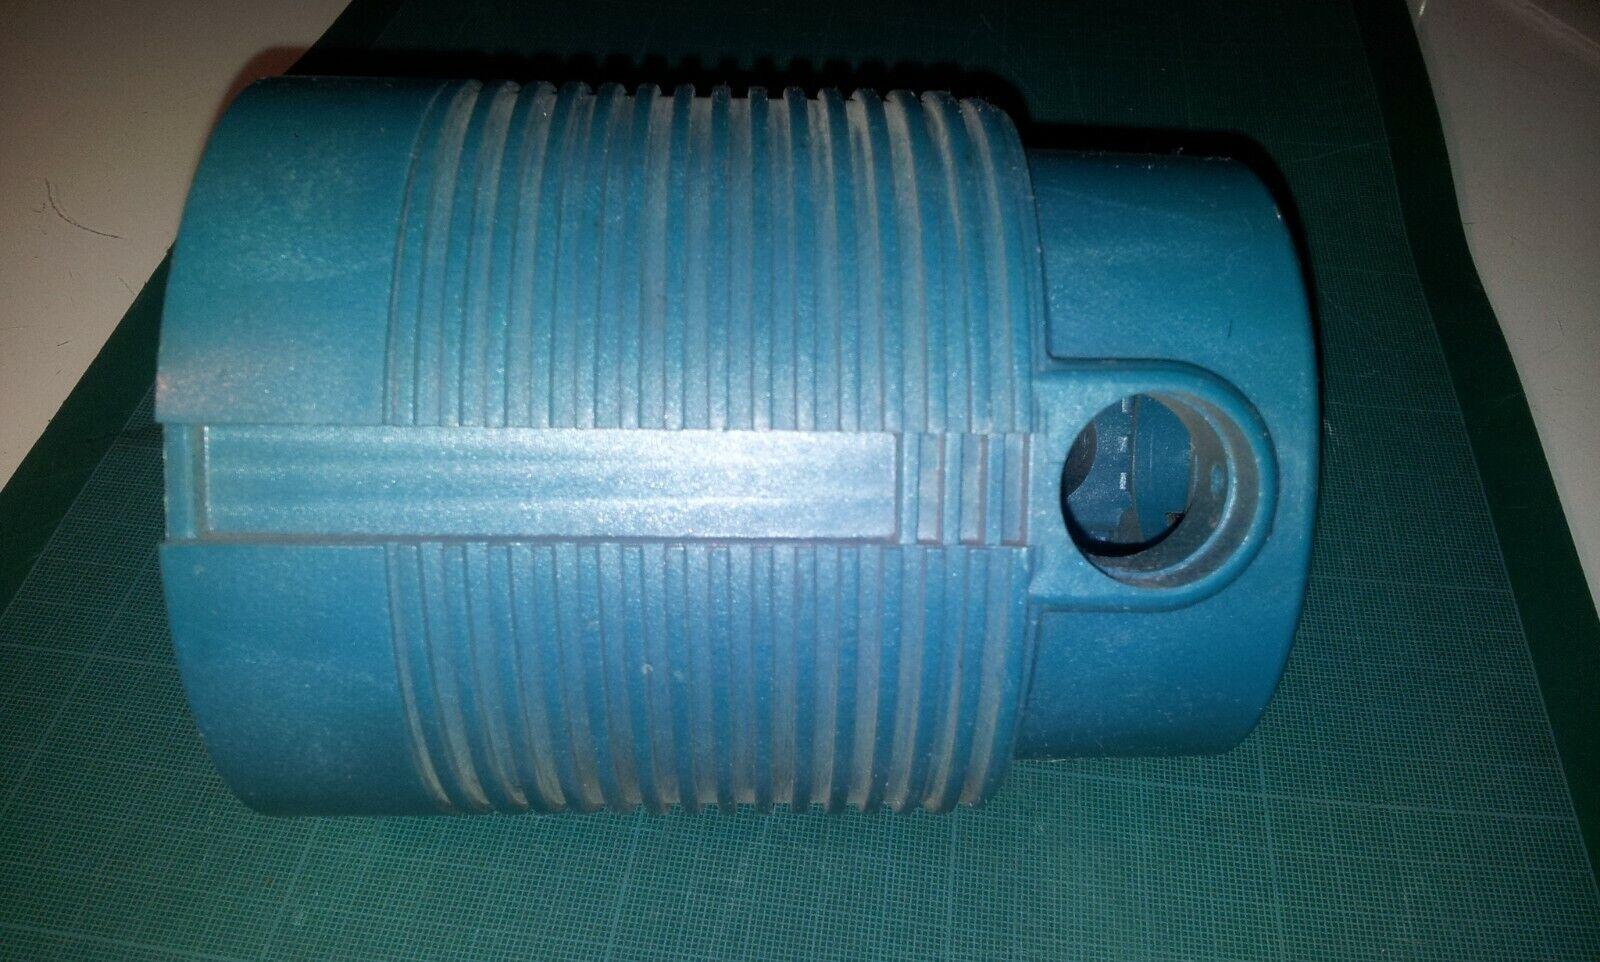 Makita cm Motor Housing ORIGINAL MAKITA ROUTER 3601B  cod  156399-2